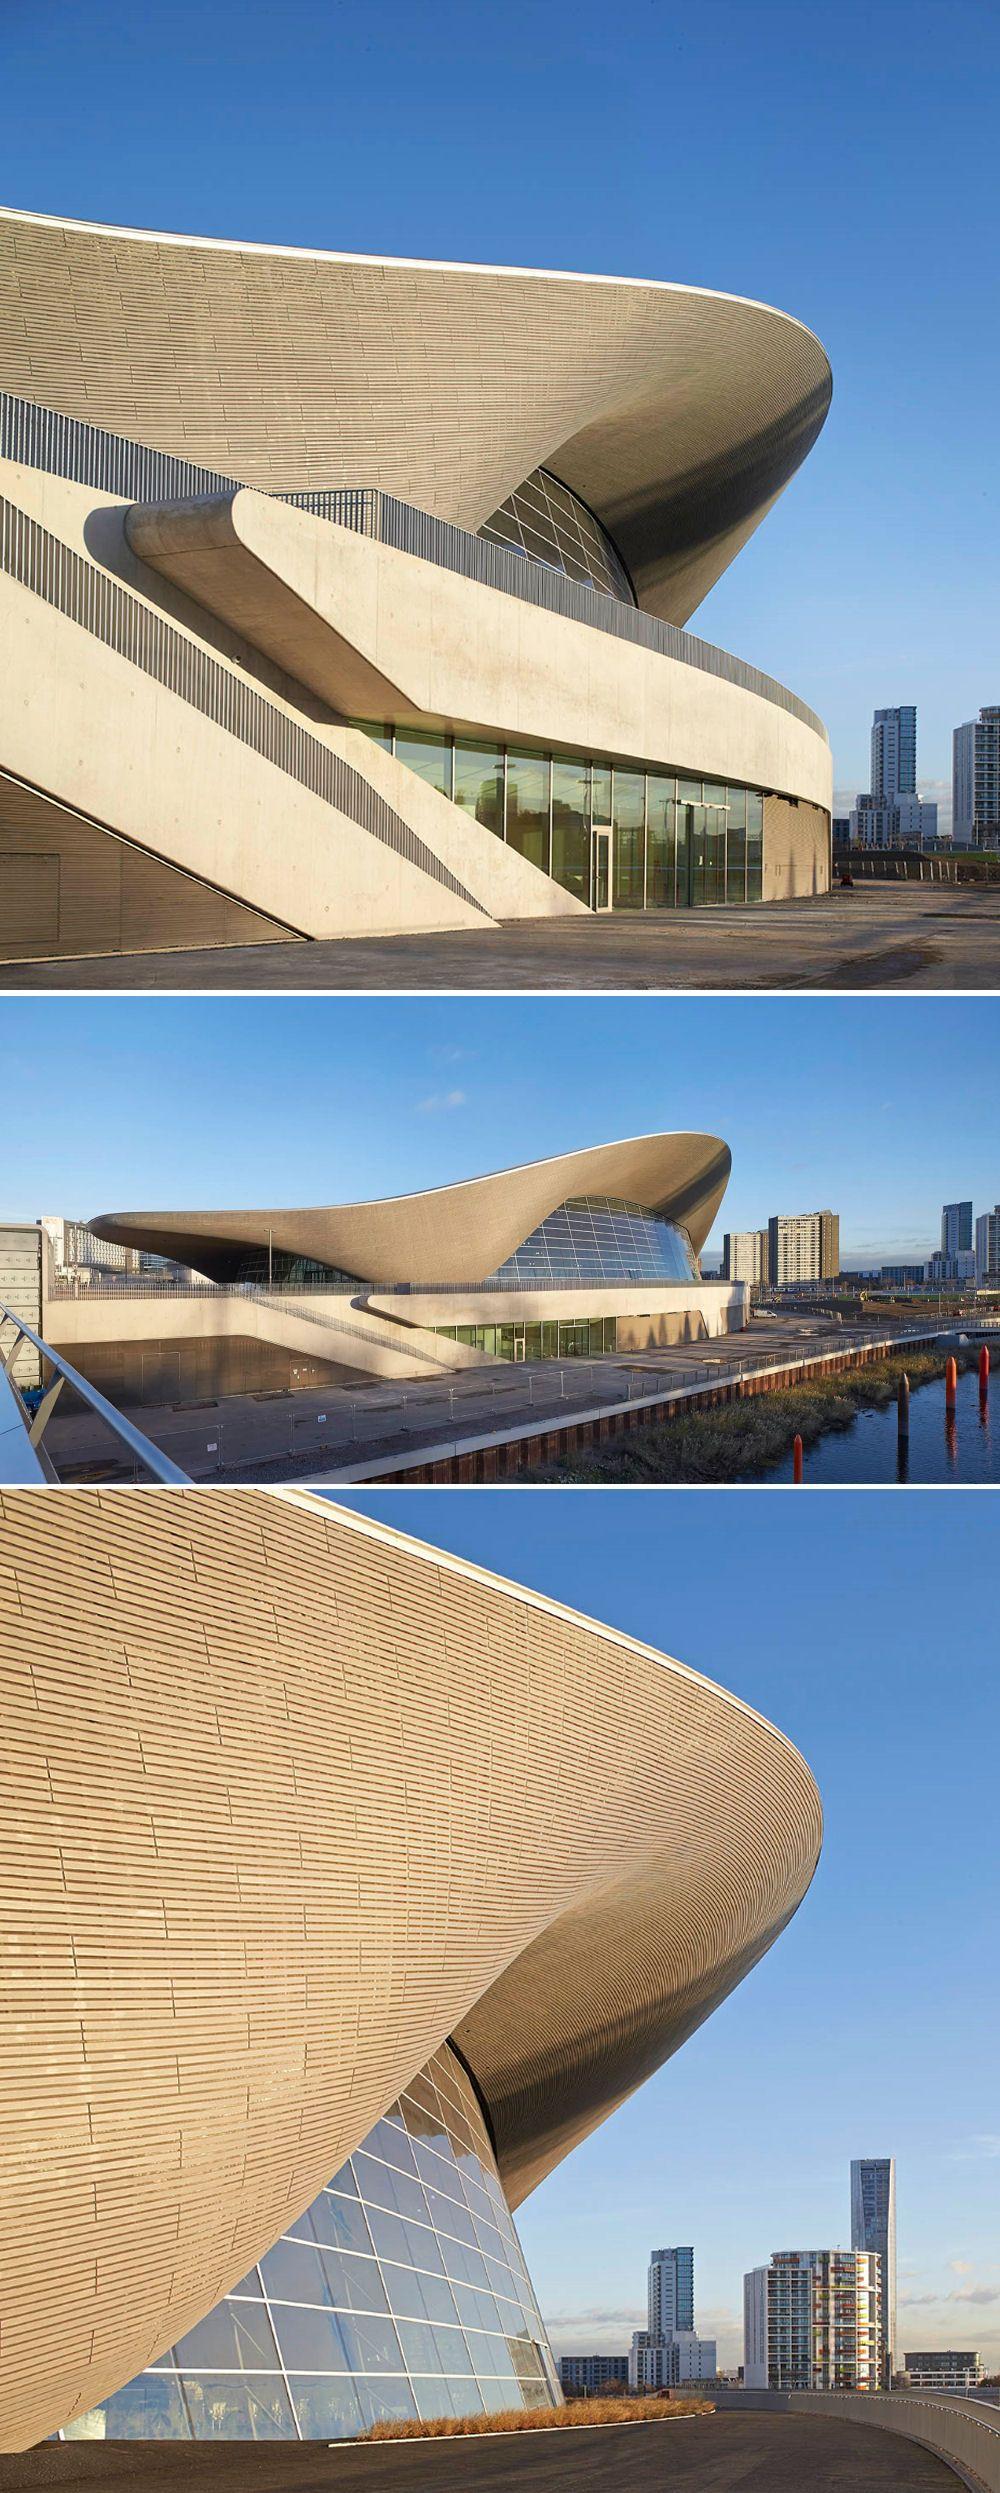 Aquatics centre by zaha hadid london zaha hadid zaha